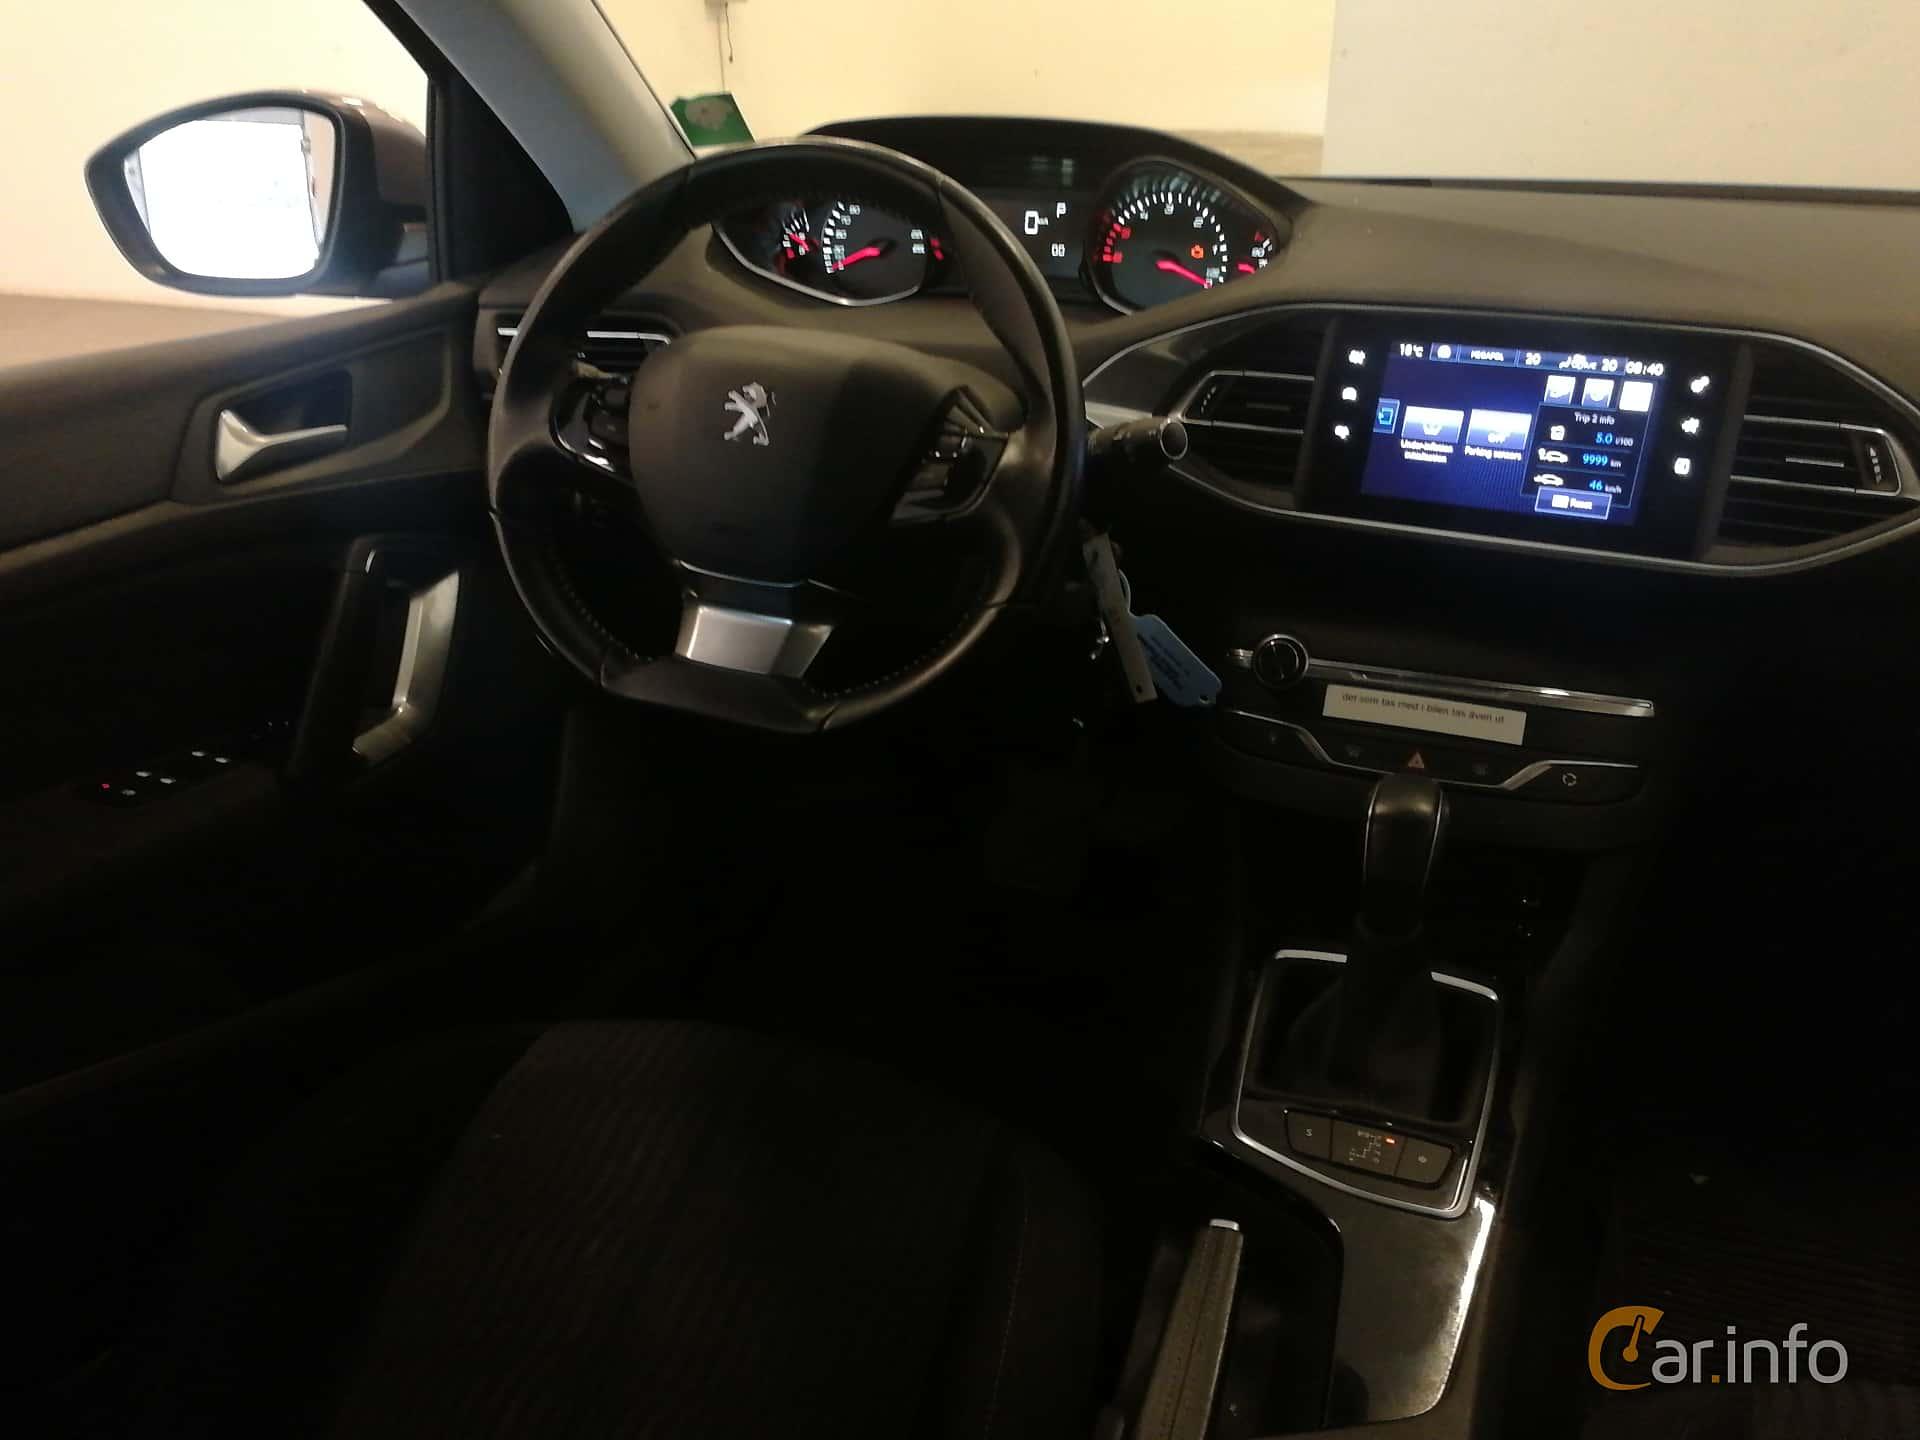 Peugeot 308 1.6 BlueHDI FAP EAT, 120hp, 2017